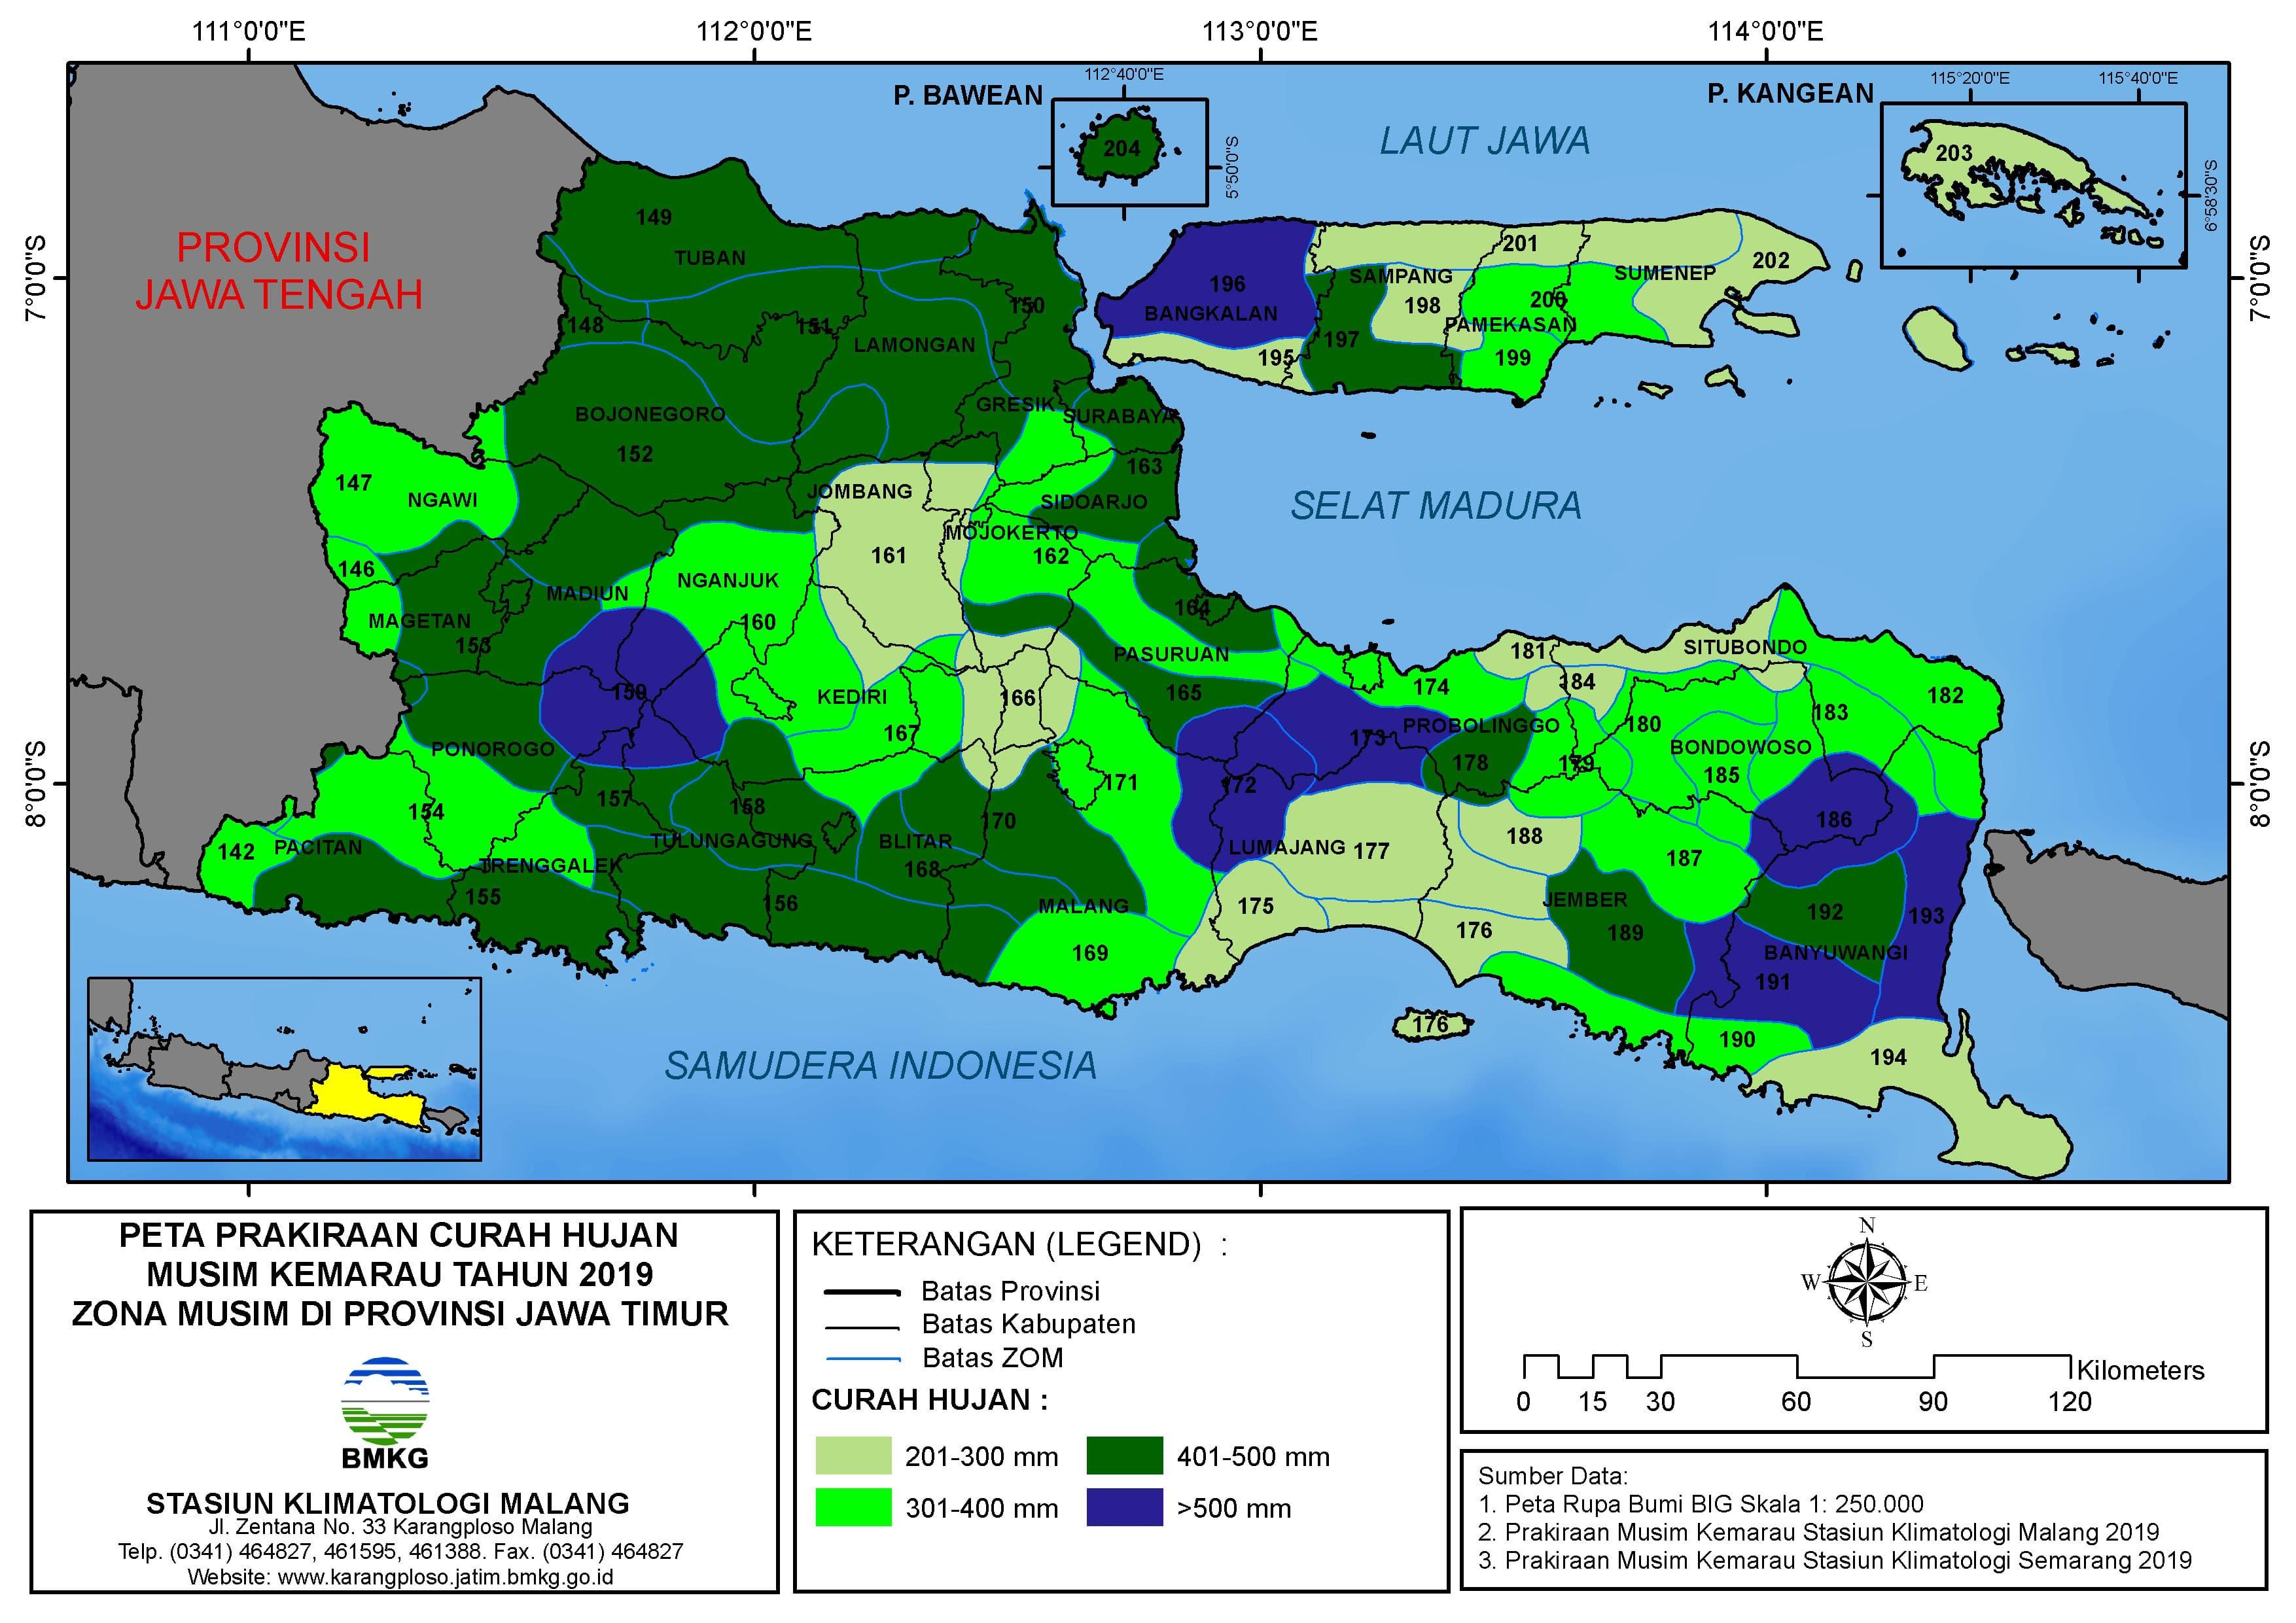 Peta Prakiraan Curah Hujan Musim Kemarau Tahun 2019 Zona Musim di Provinsi Jawa Timur